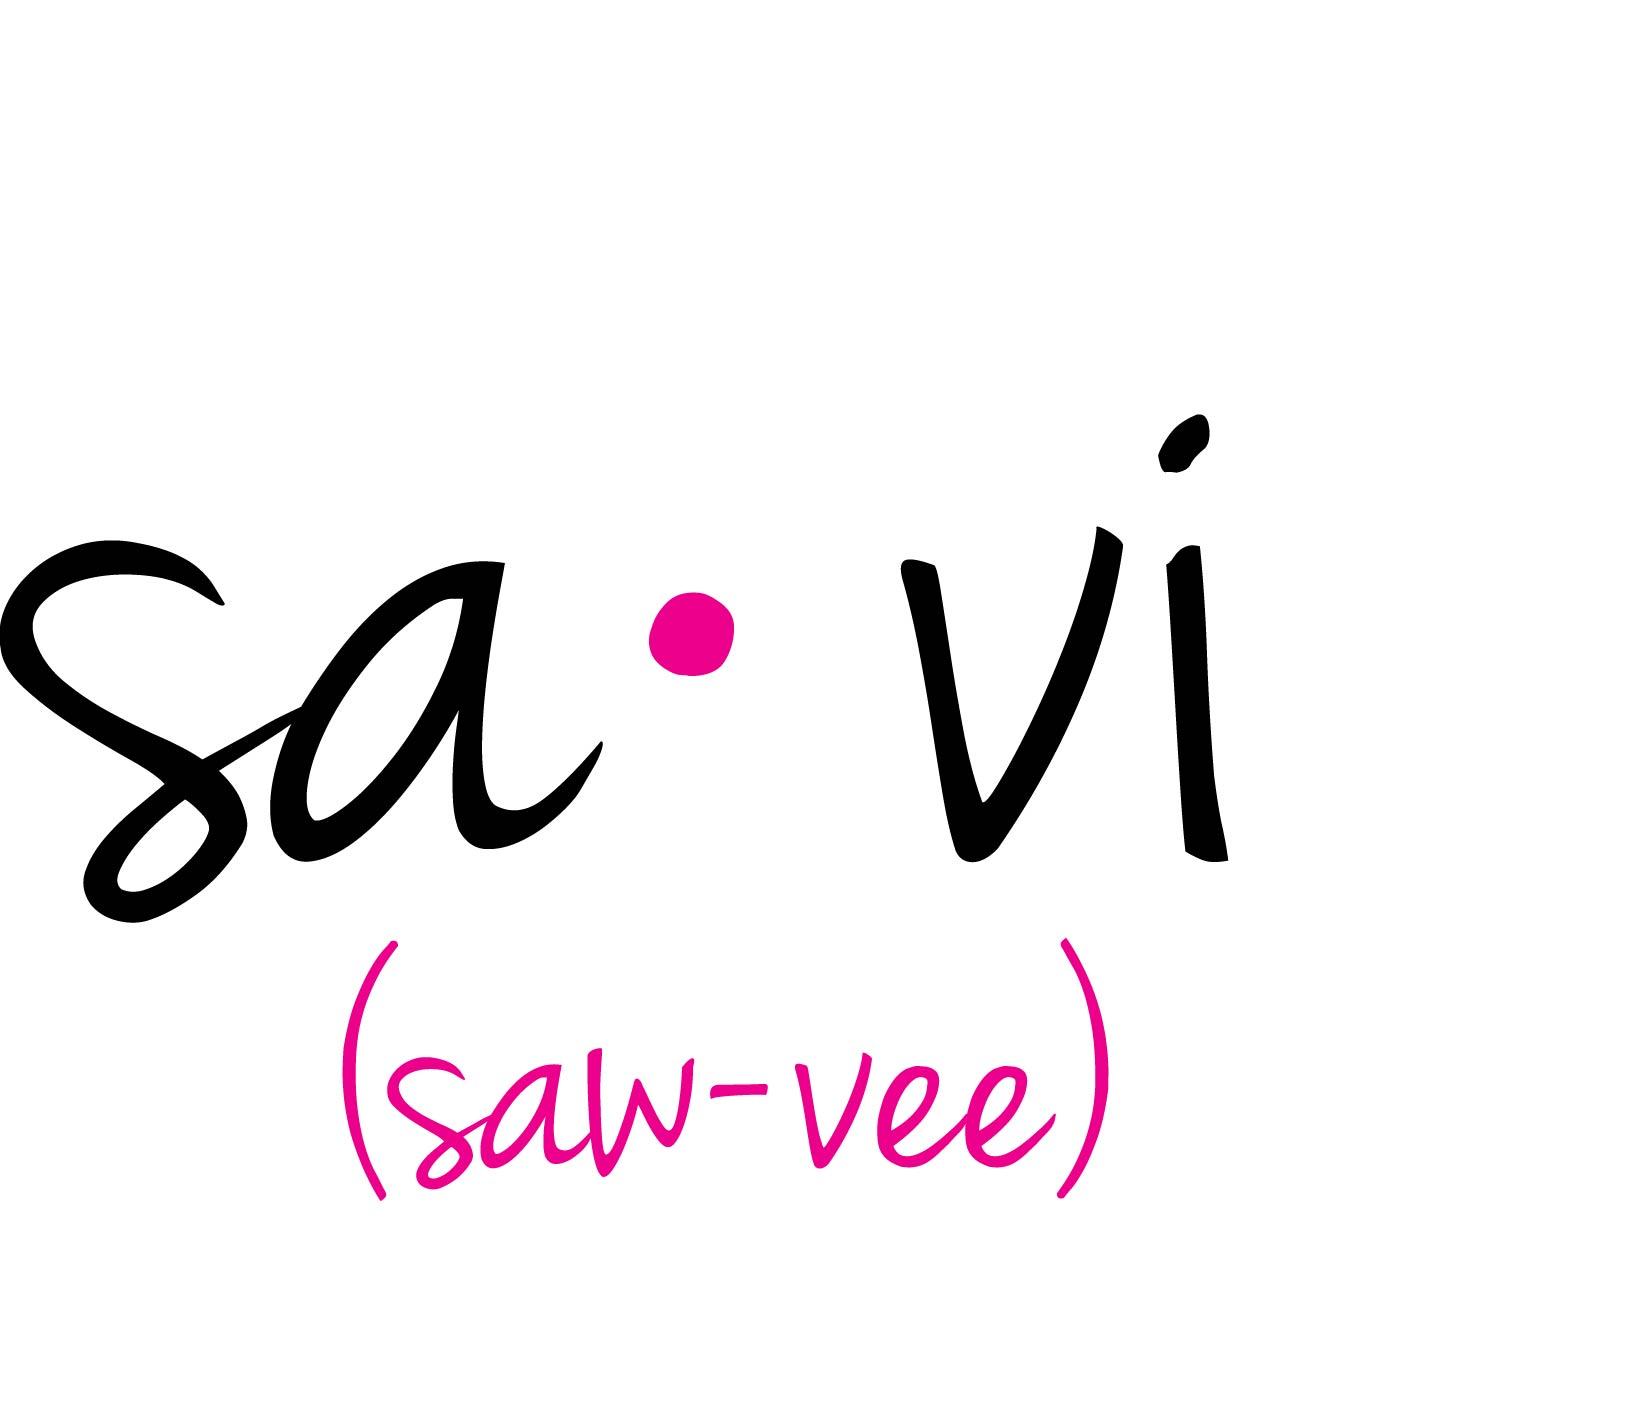 Savi_logo-RGB-SCREEN.jpg